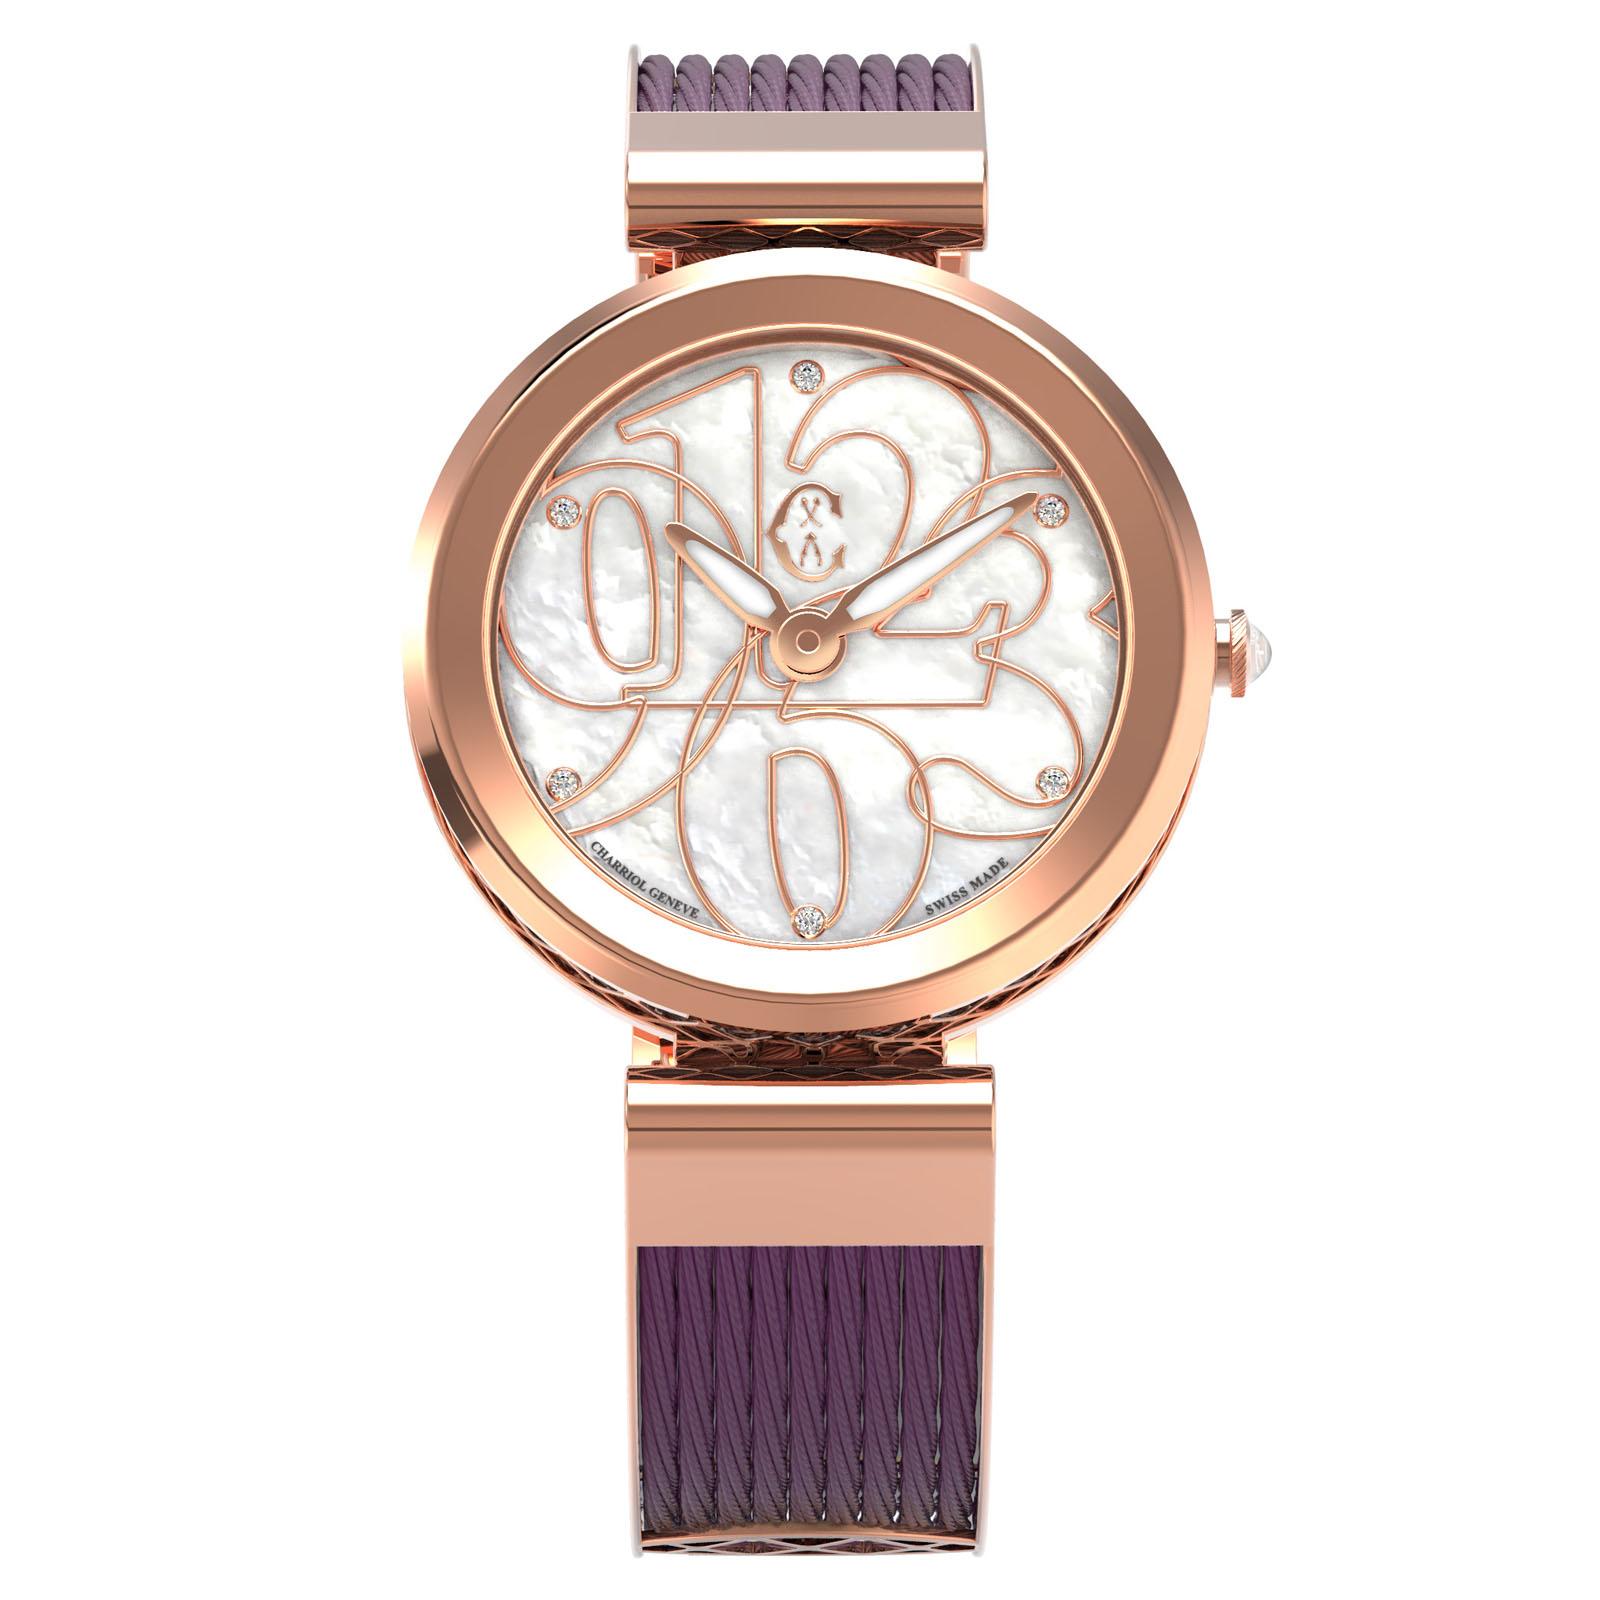 CHARRIOL夏利豪(FE32.A02.002)Forever系列半鋼索數字時尚腕錶/珍珠母貝面32mm